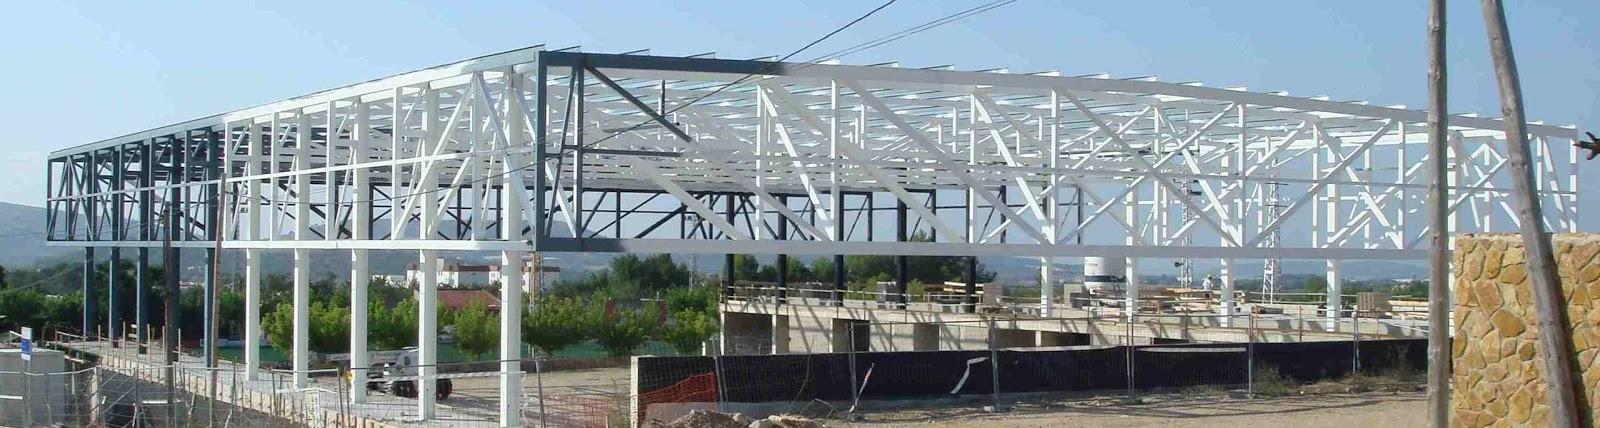 Arquitectura tecnica aplicada fachada ventilada pesada for Arquitectura tecnica a distancia